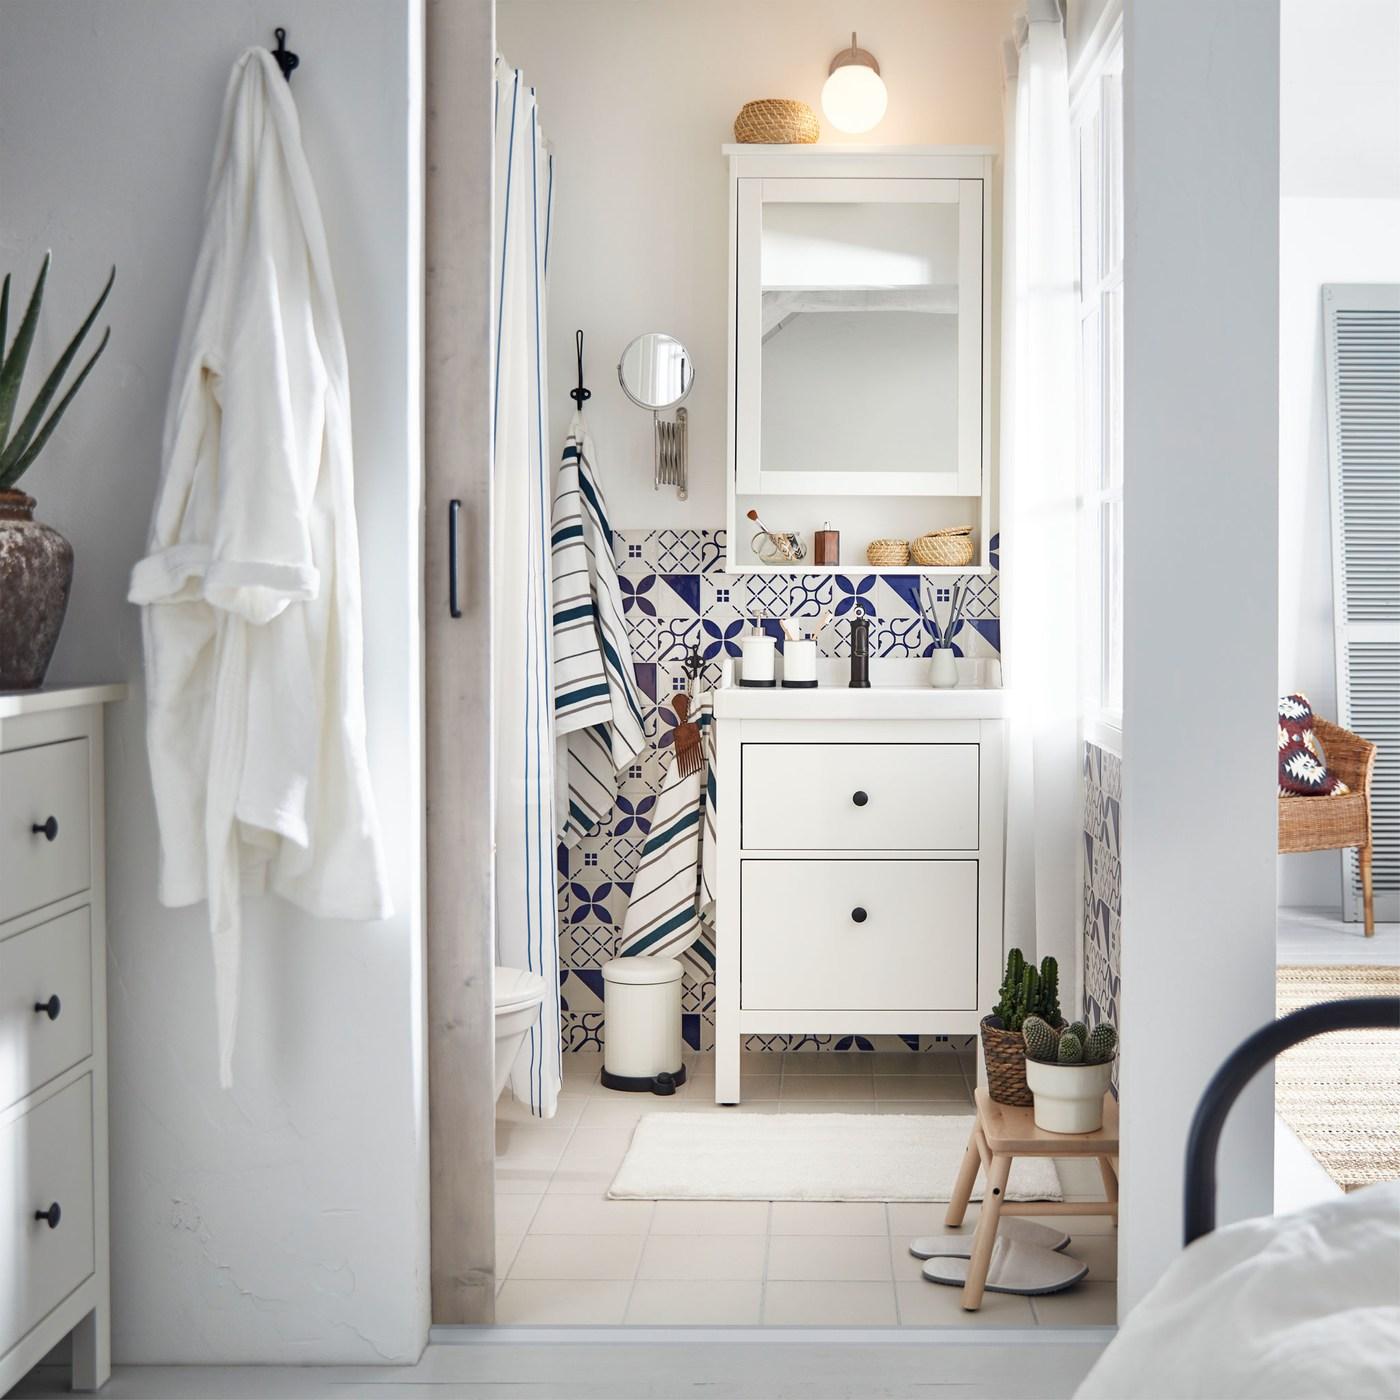 Mobile Bagno Ikea Immagini furnishing ideas & inspiration for your bathroom - ikea